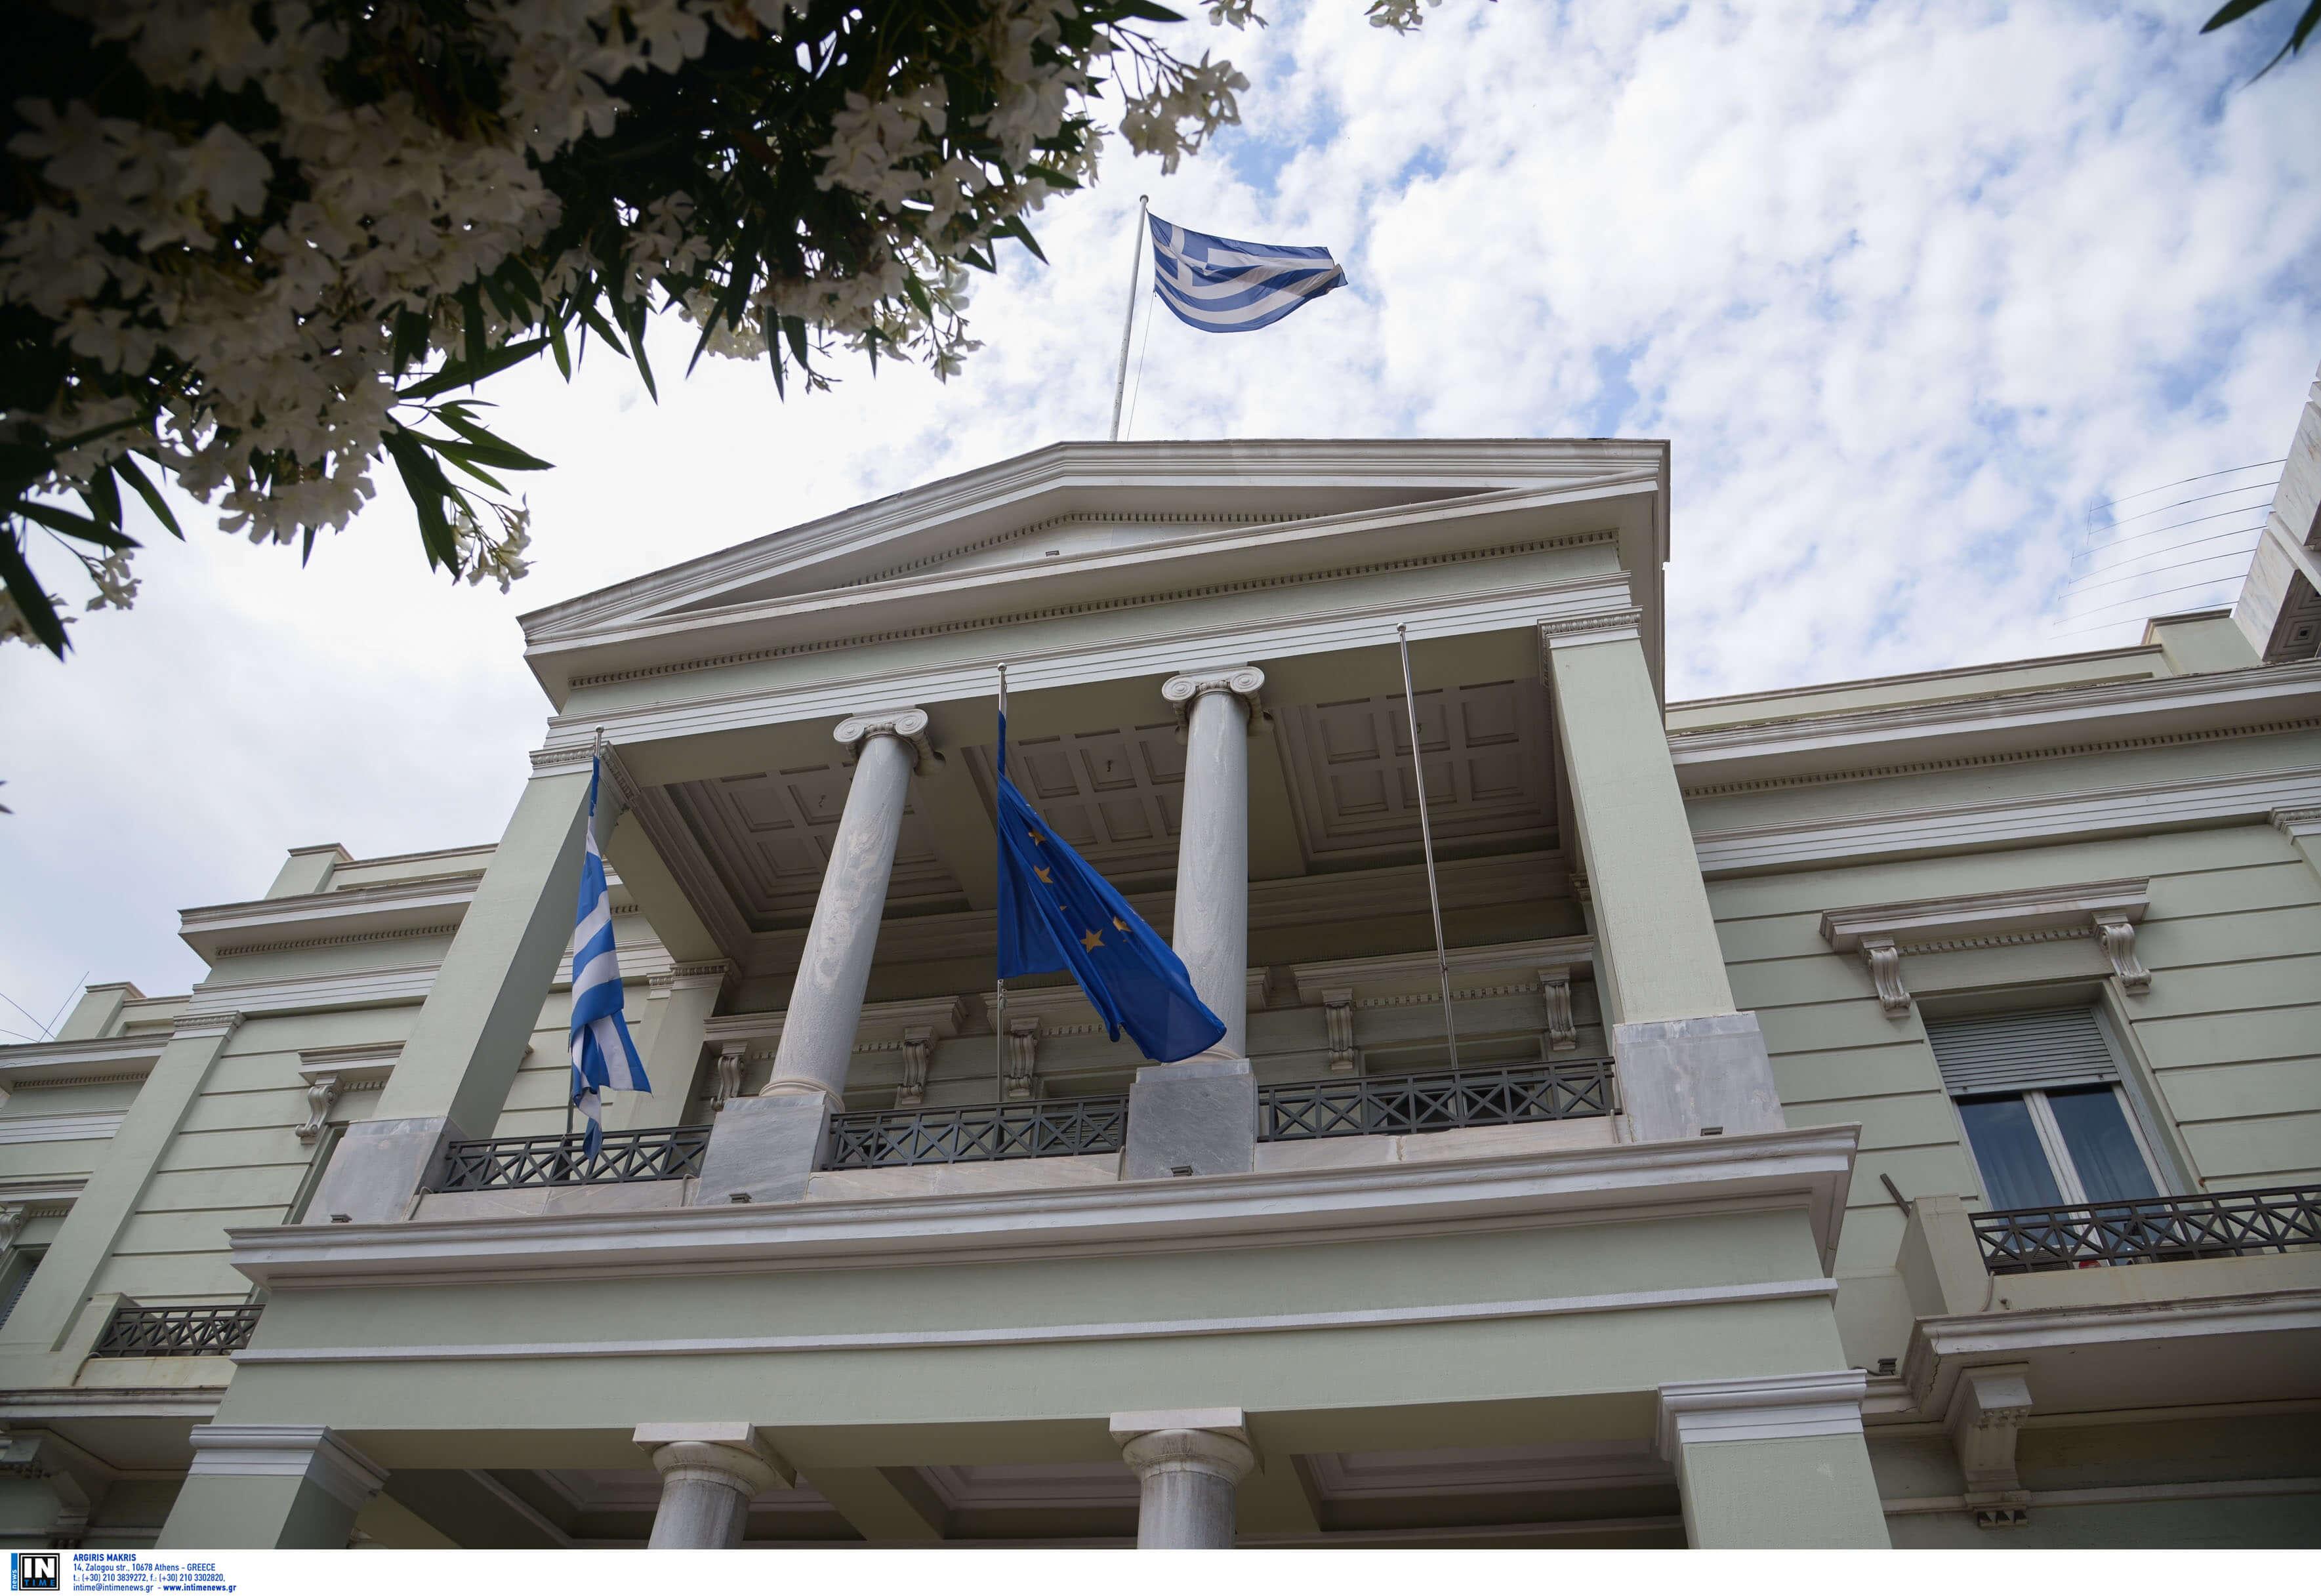 Καταδικάζει την επίθεση στο σπίτι του Πάιατ το υπουργείο Εξωτερικών - «Απαράδεκτη και ανεύθυνη ενέργεια»